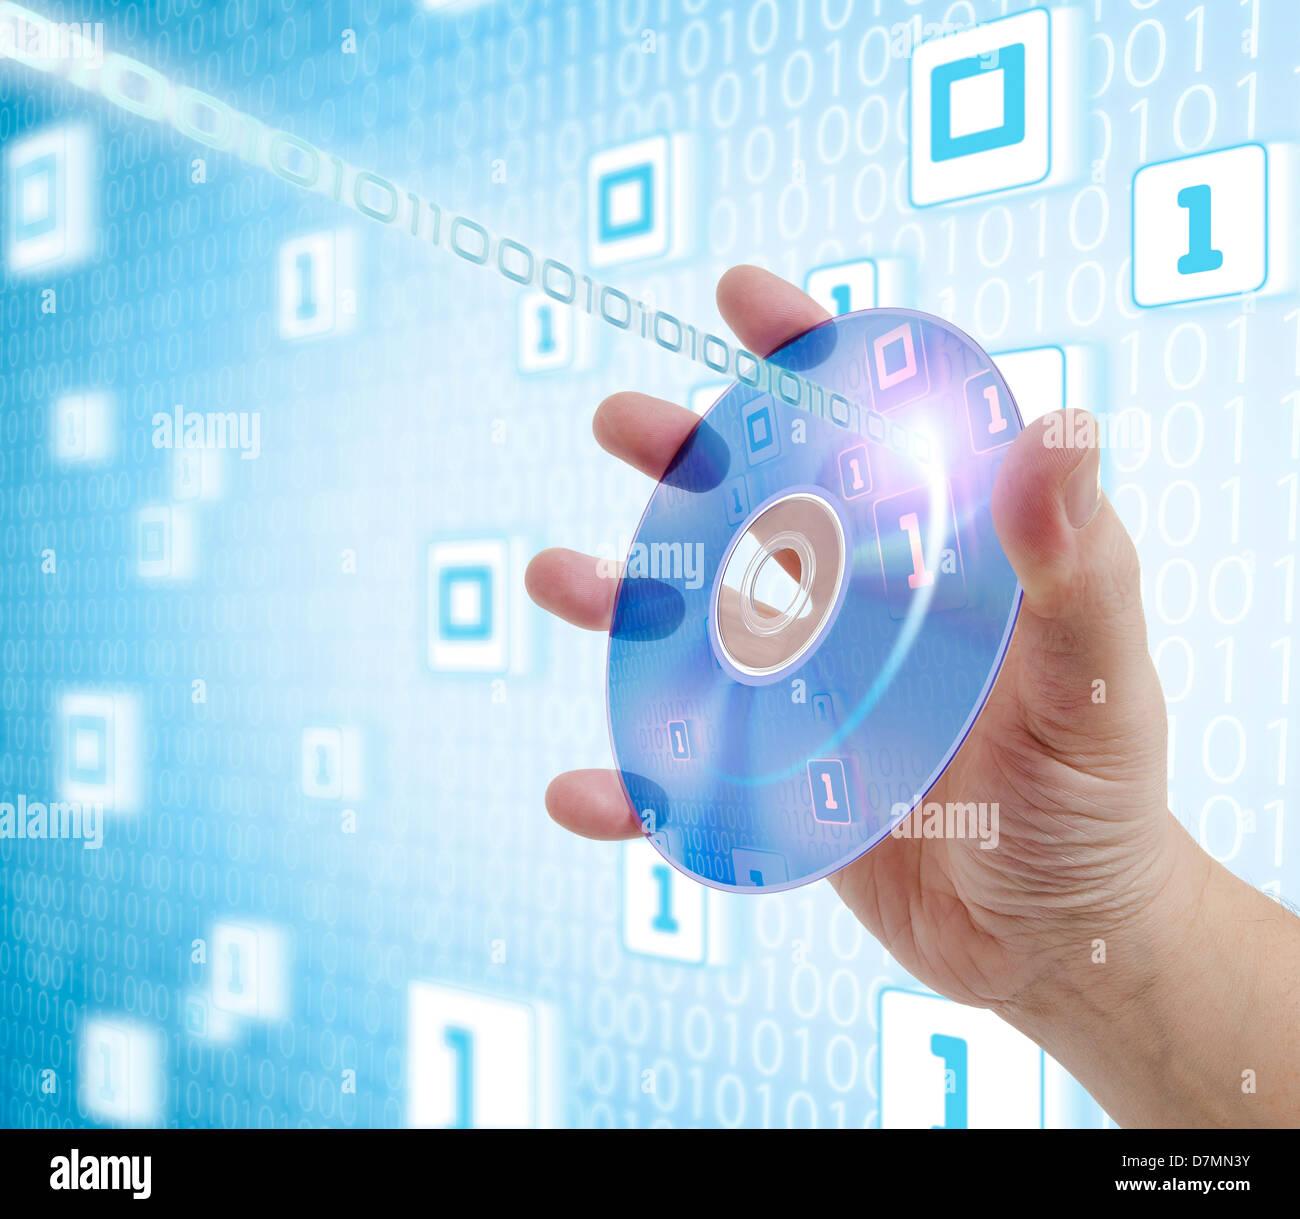 Le stockage numérique, artwork Photo Stock